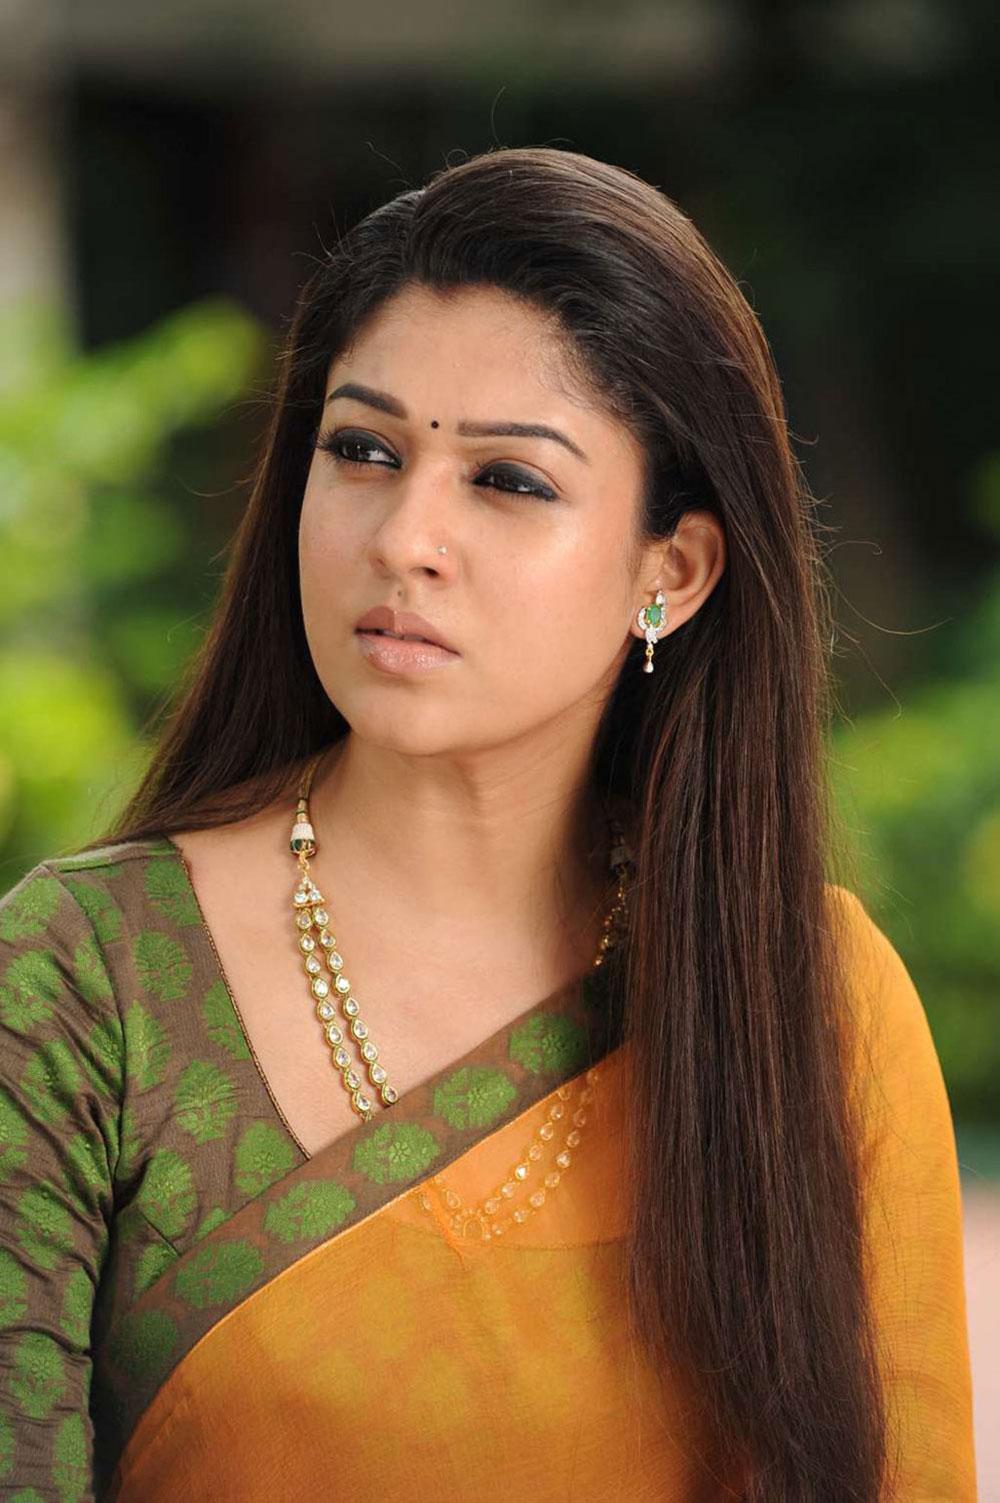 Charming Tamil Actress Nayanthara Beautiful Saree Photos